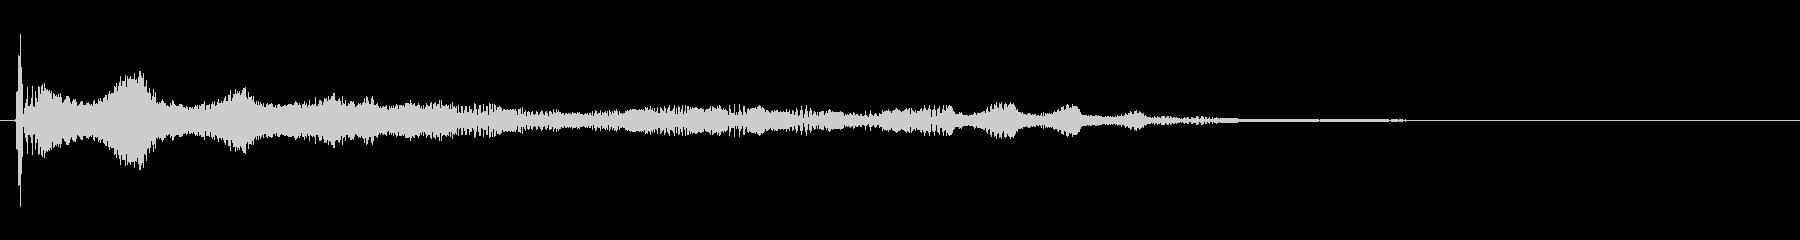 効果音、ボヨヨーン(ロング)、おっぱい…の未再生の波形